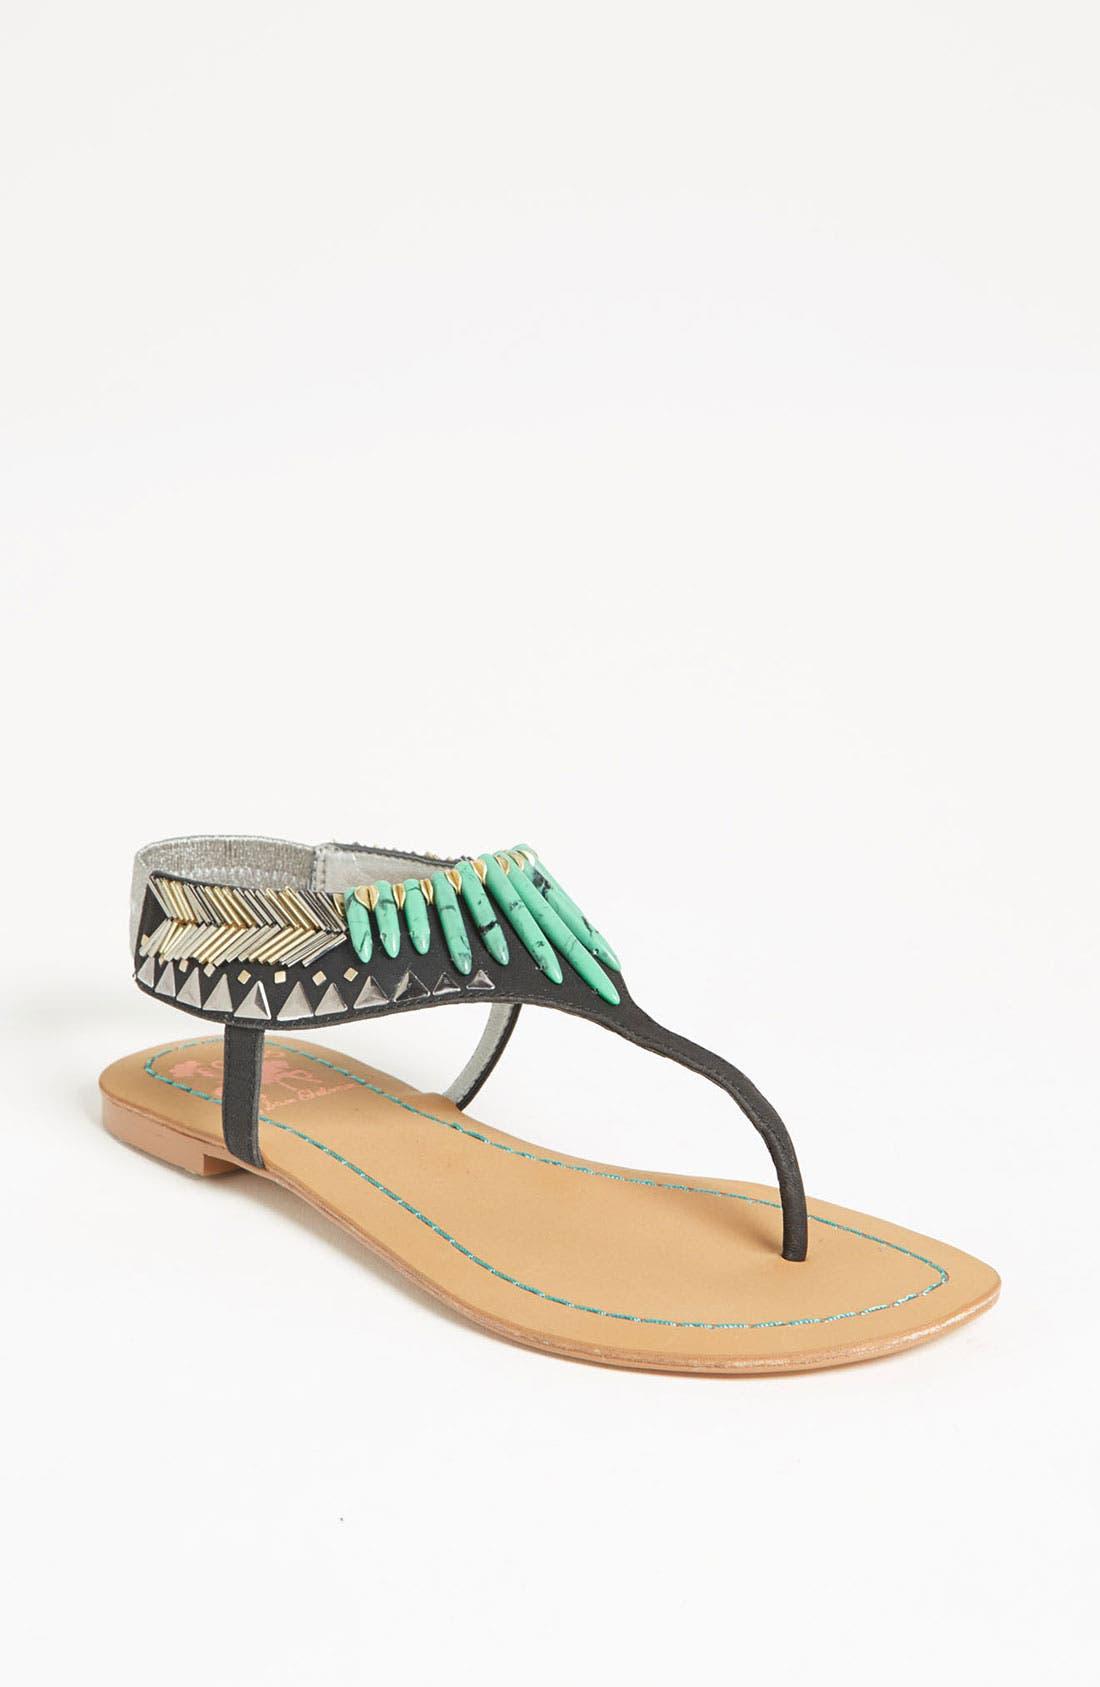 'Brina' Sandal,                             Main thumbnail 1, color,                             001